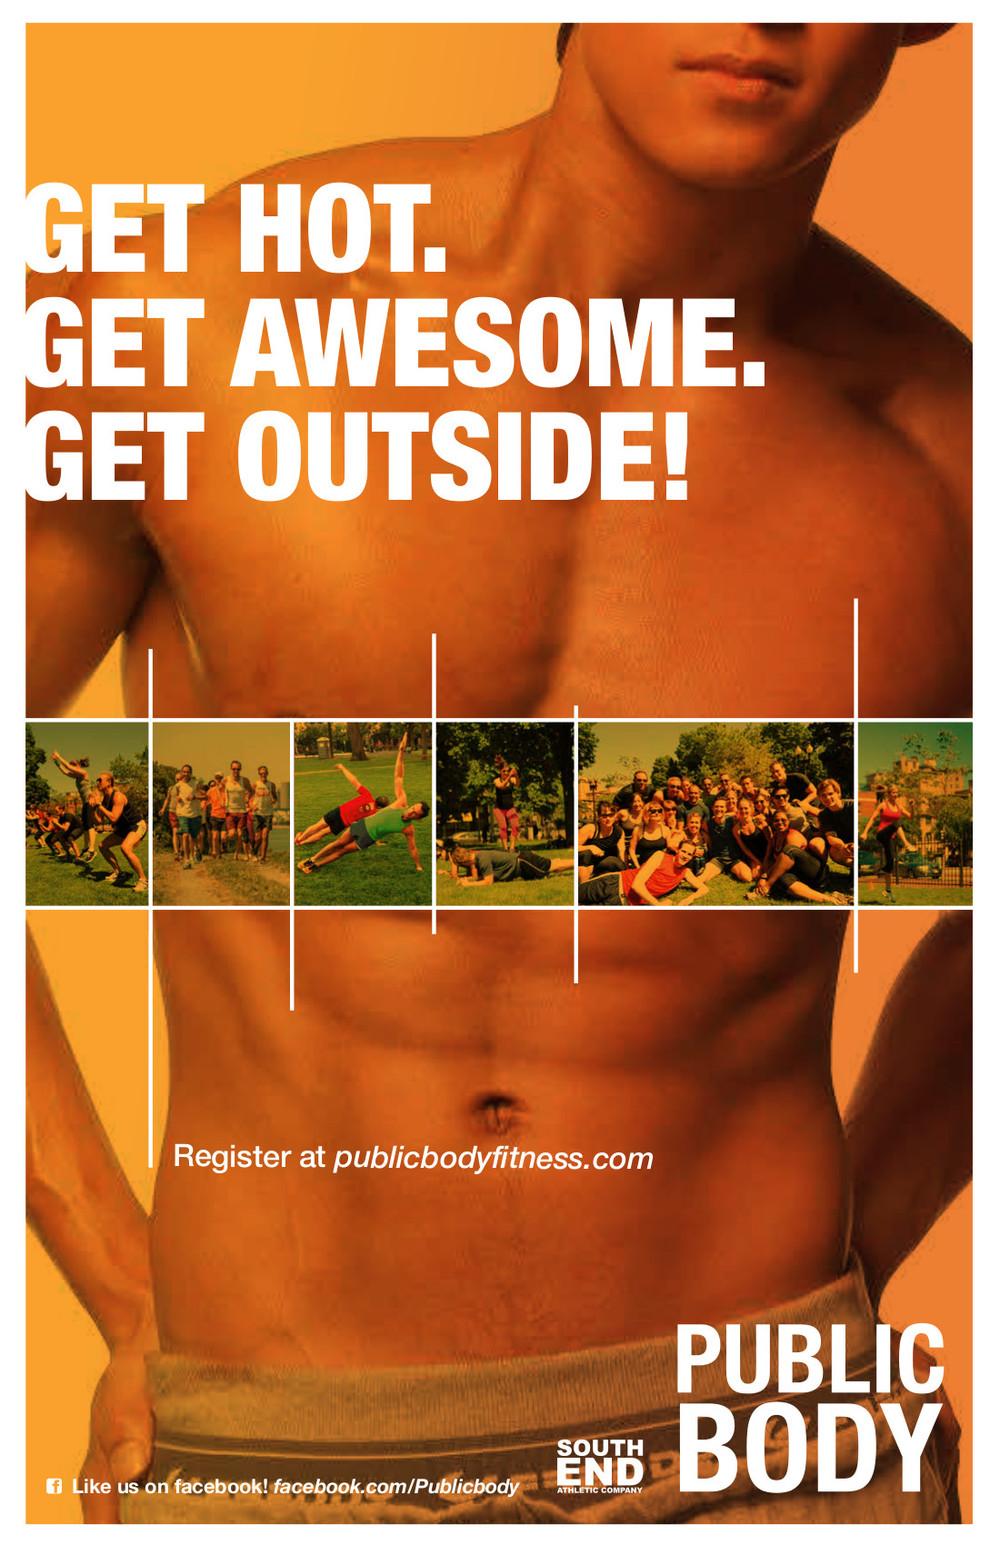 Public_Body_Summer_2015_Poster_A.jpeg